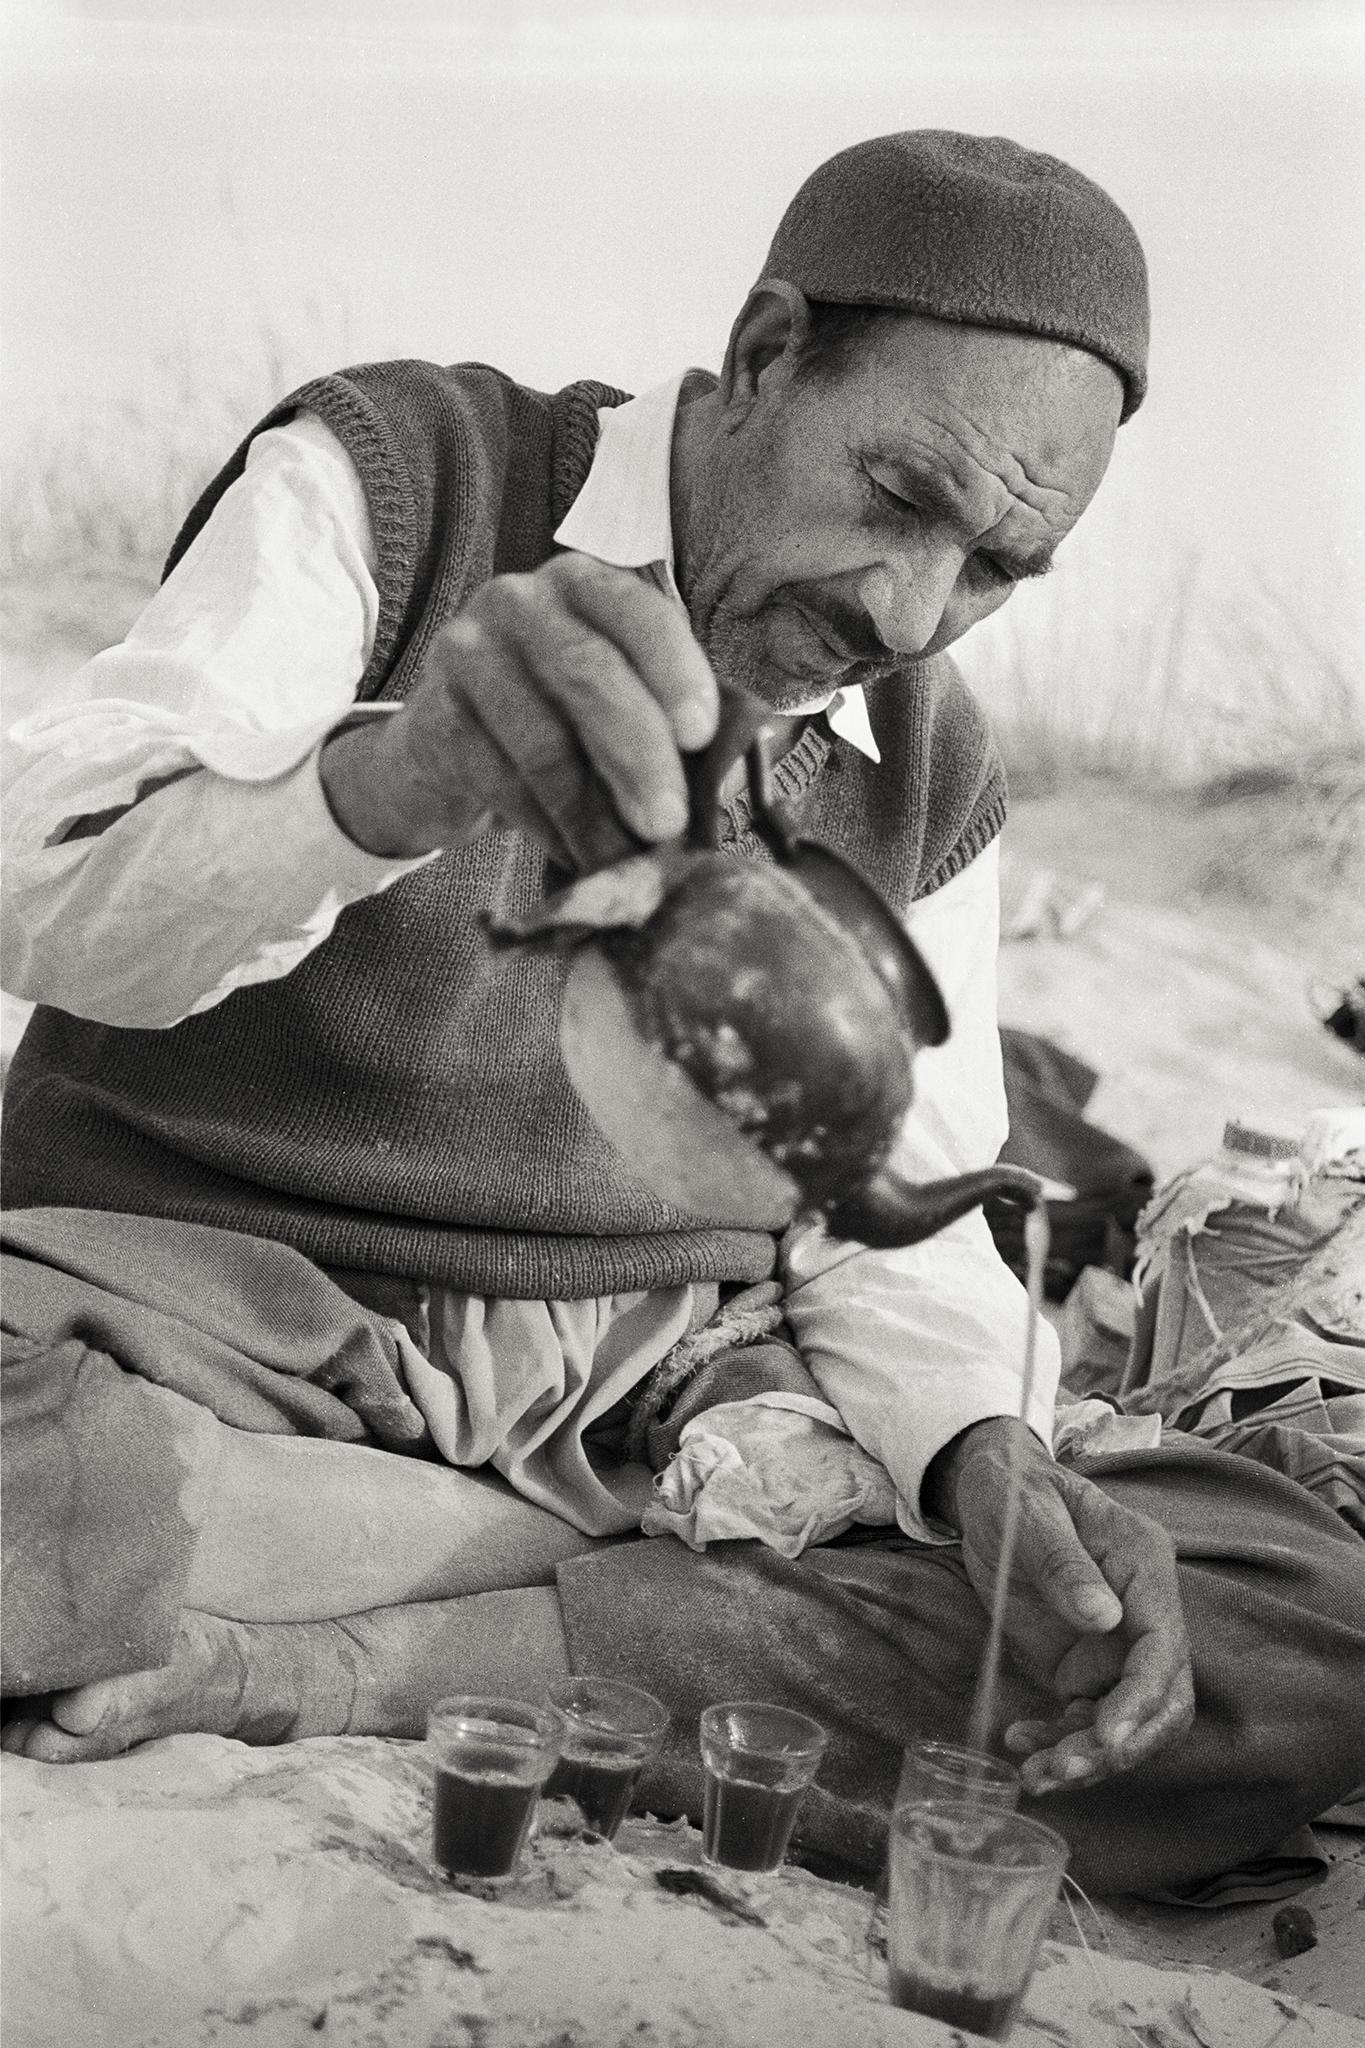 Monsieur Mouldi. Sahara, 2003